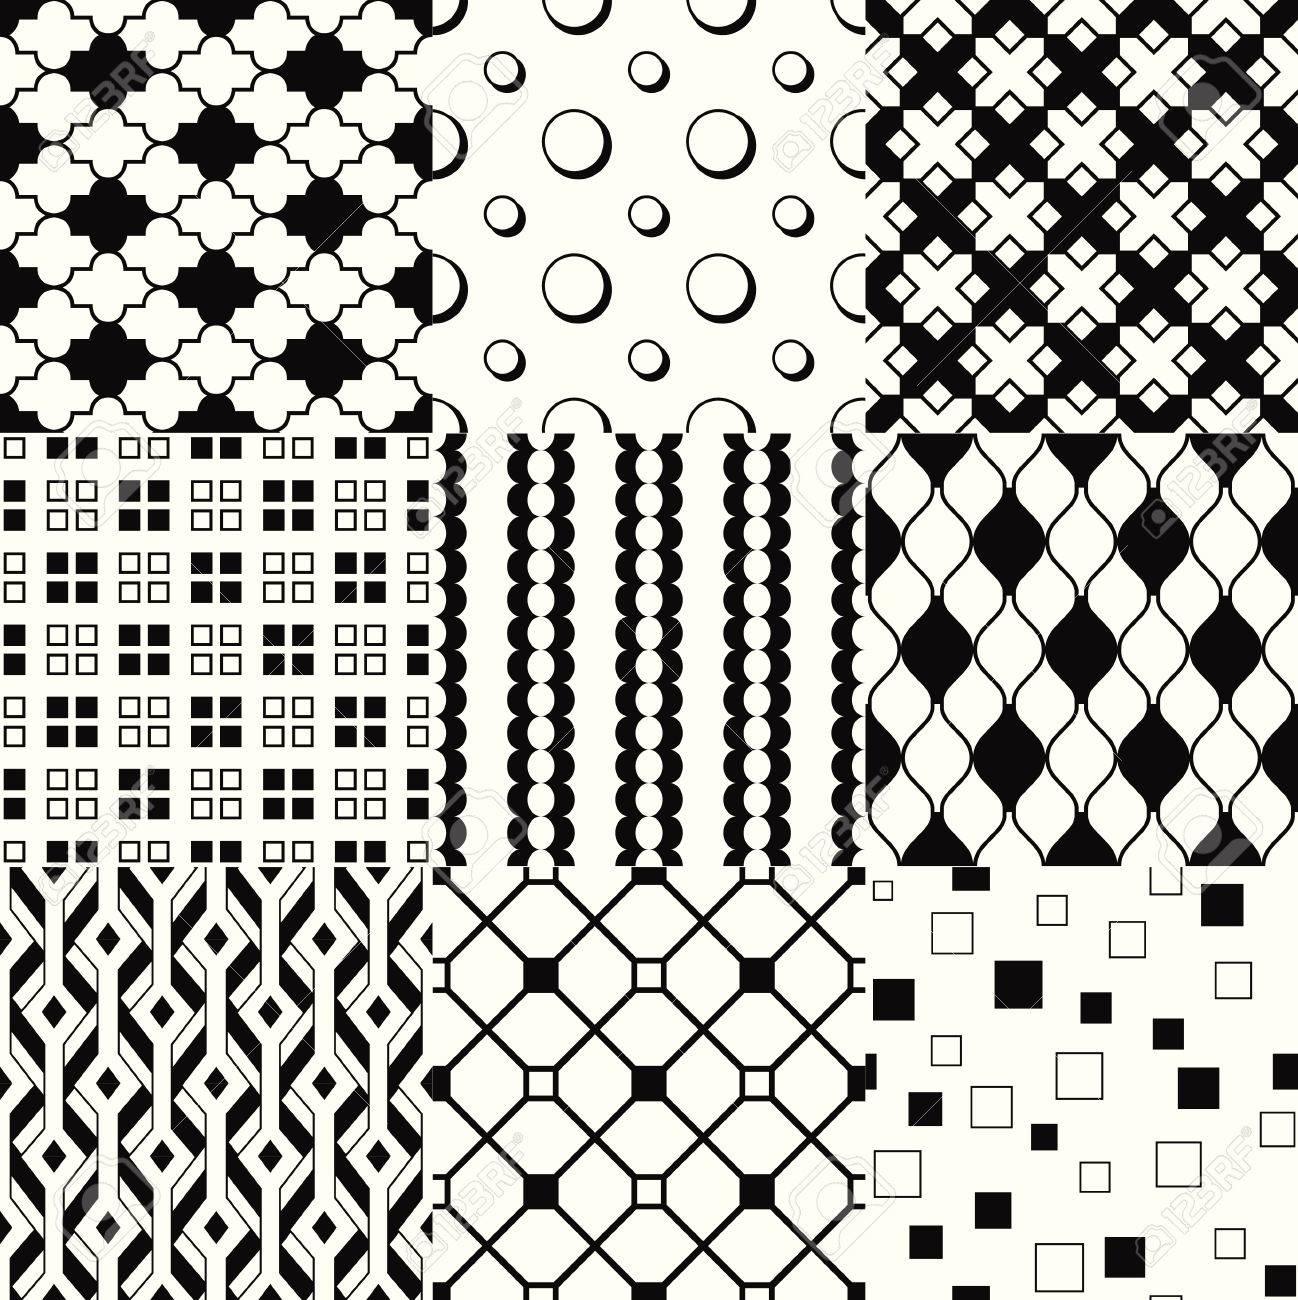 繰り返される白黒の幾何学模様セットのイラスト素材・ベクタ - Image ...